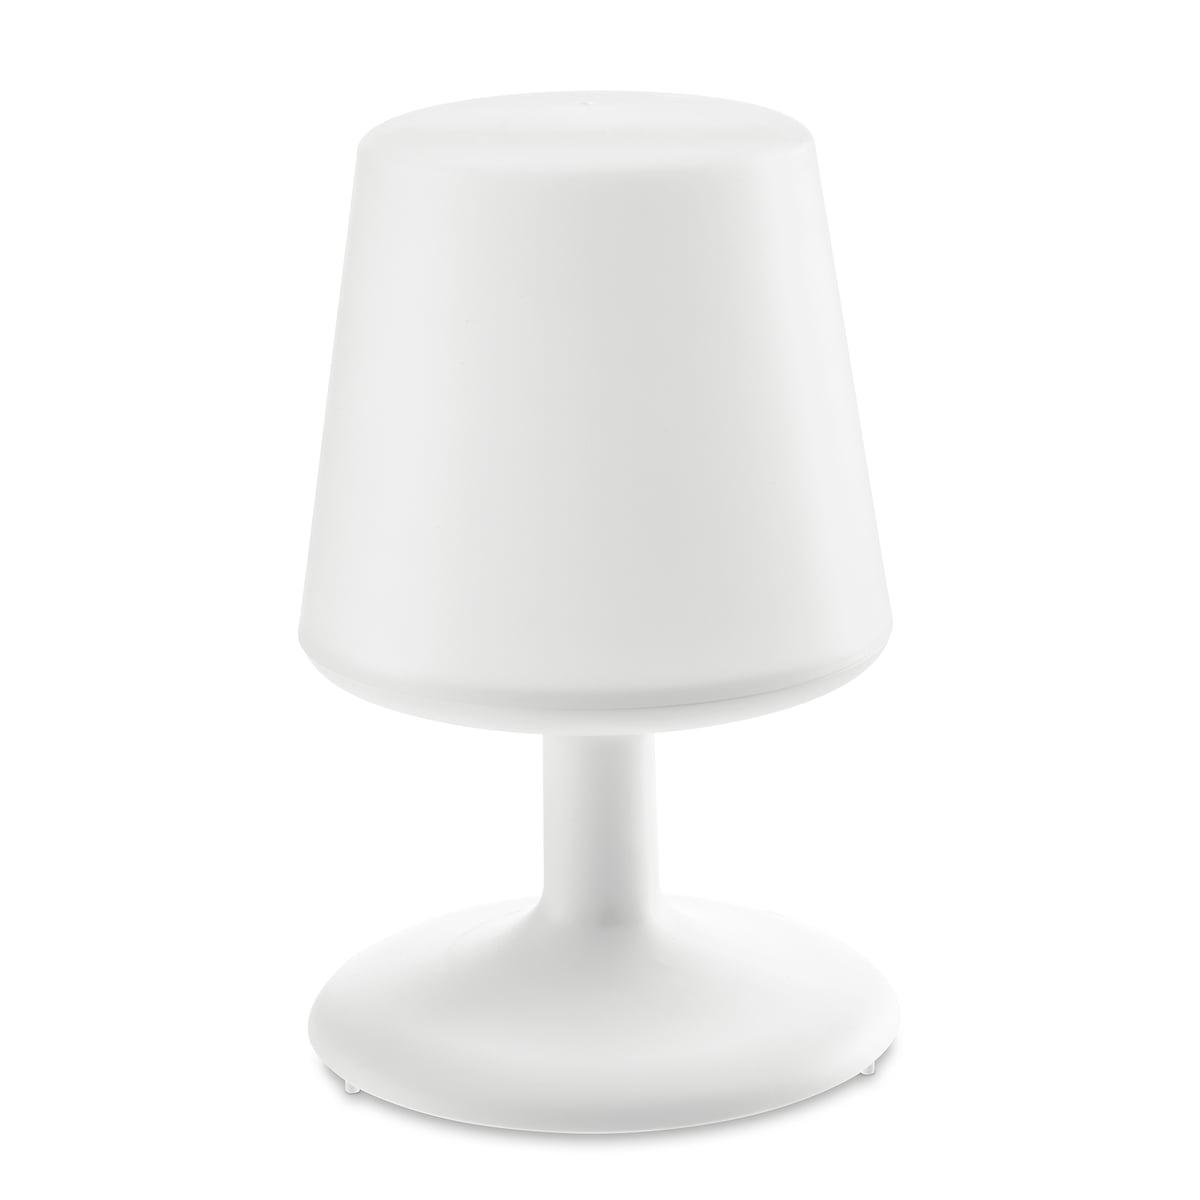 Full Size of Tischlampe Wohnzimmer Tisch Nachttischlampen Tiwohnzimmer Tijade Gardinen Für Lampe Fototapete Schrankwand Deckenlampe Vorhänge Deckenstrahler Relaxliege Wohnzimmer Tischlampe Wohnzimmer